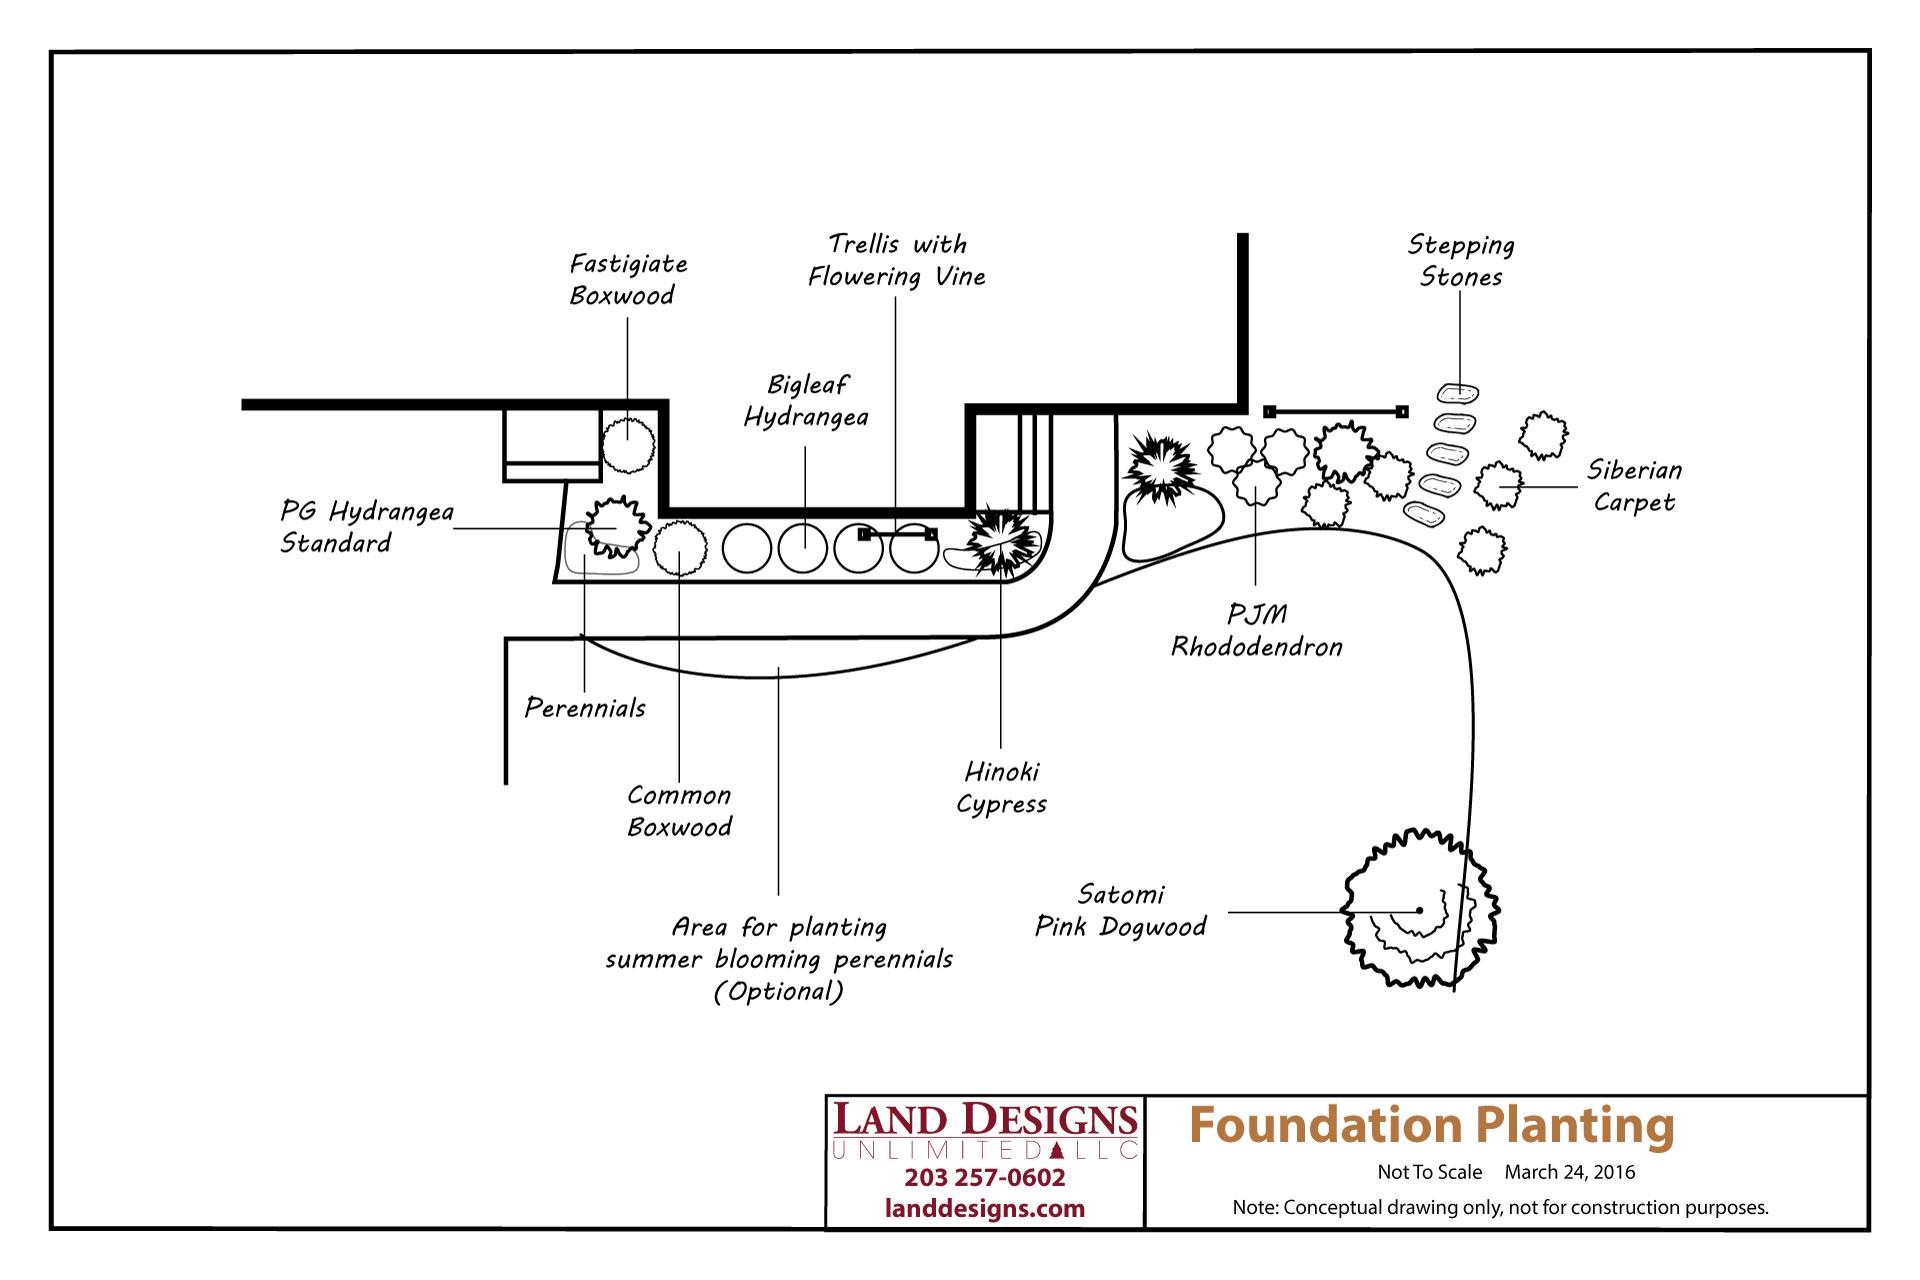 Landscape design land designs unlimited llc for Foundation planting plans